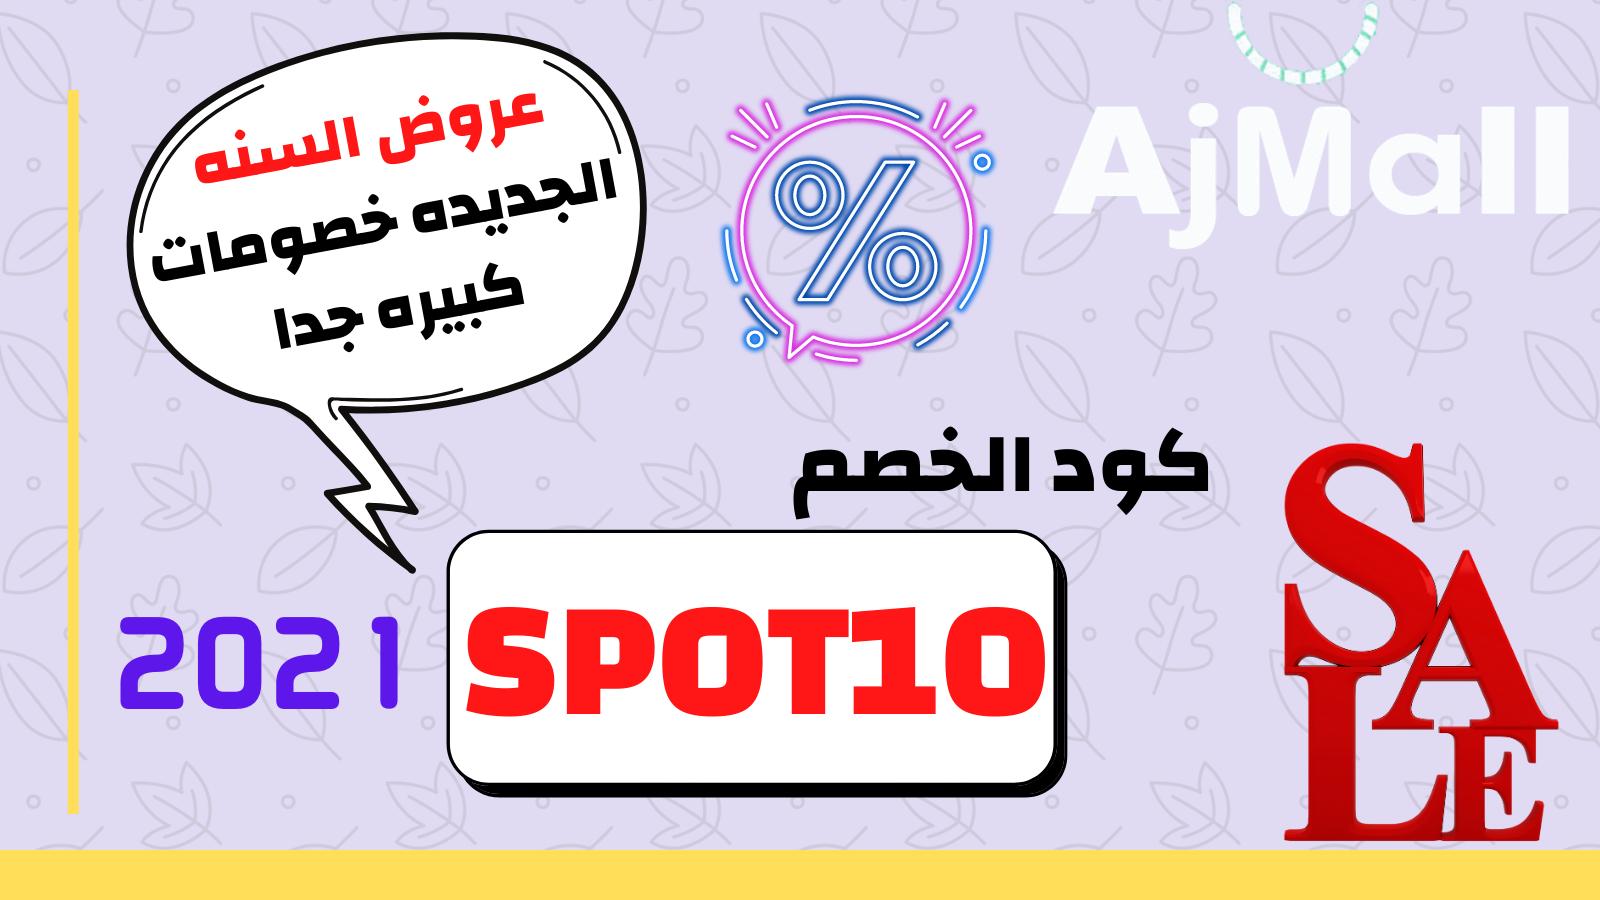 كود خصم Ajmall استمتع بأفضل تجربة شراء في الشرق الأوسط عند التسوق من خلال موقع اجمل حيث يوفر لك العديد من المنتجات الحصرية الت In 2021 Online Coding How To Get